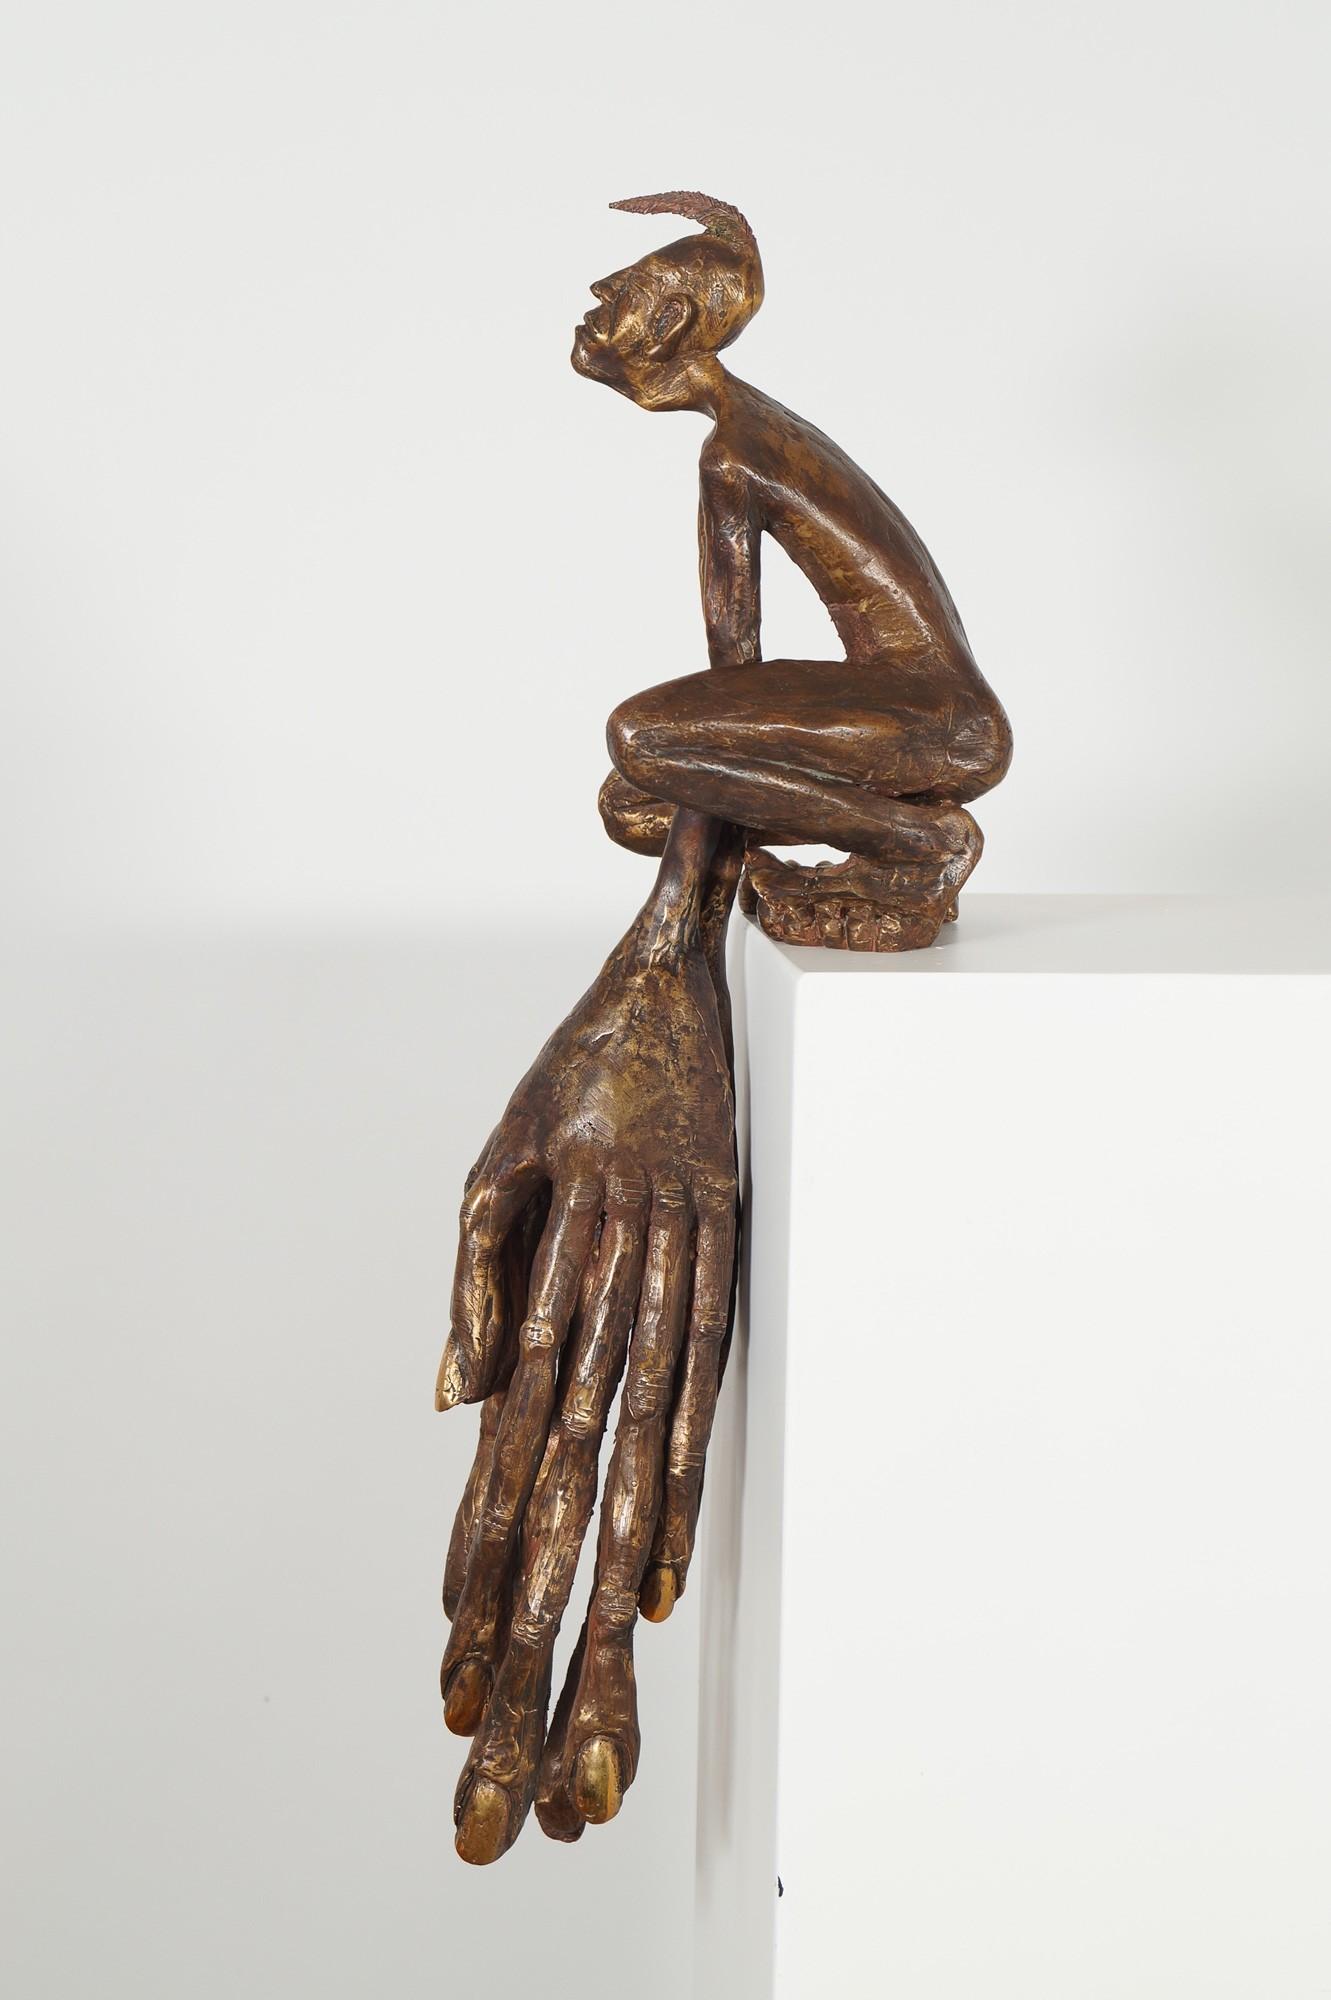 Der Kantenhocker - seitlich von links, Bronze Plastik, Skulptur von Tim David Trillsam, Edition